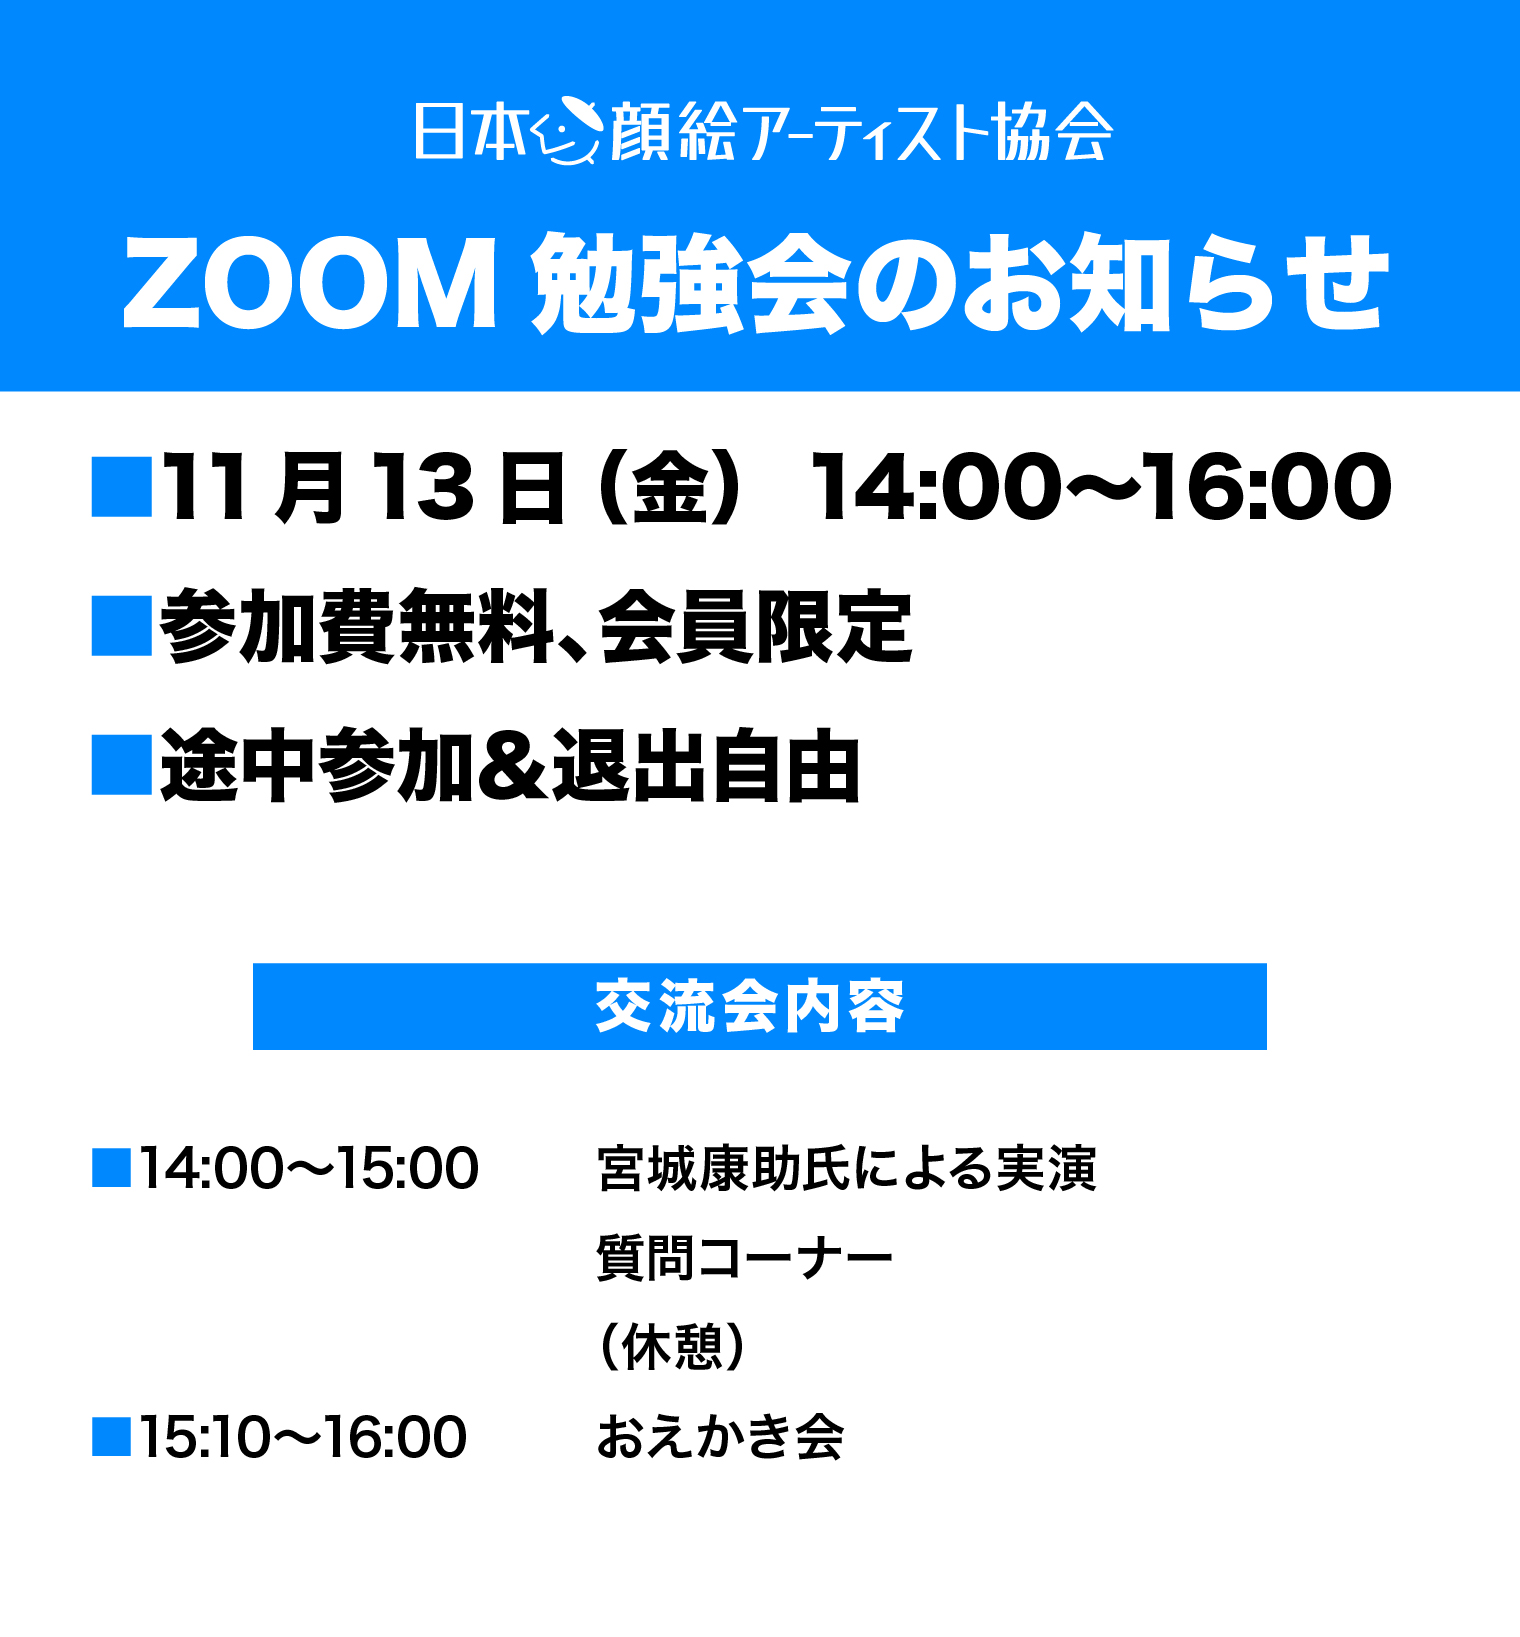 11月 ZOOM勉強会開催のお知らせ